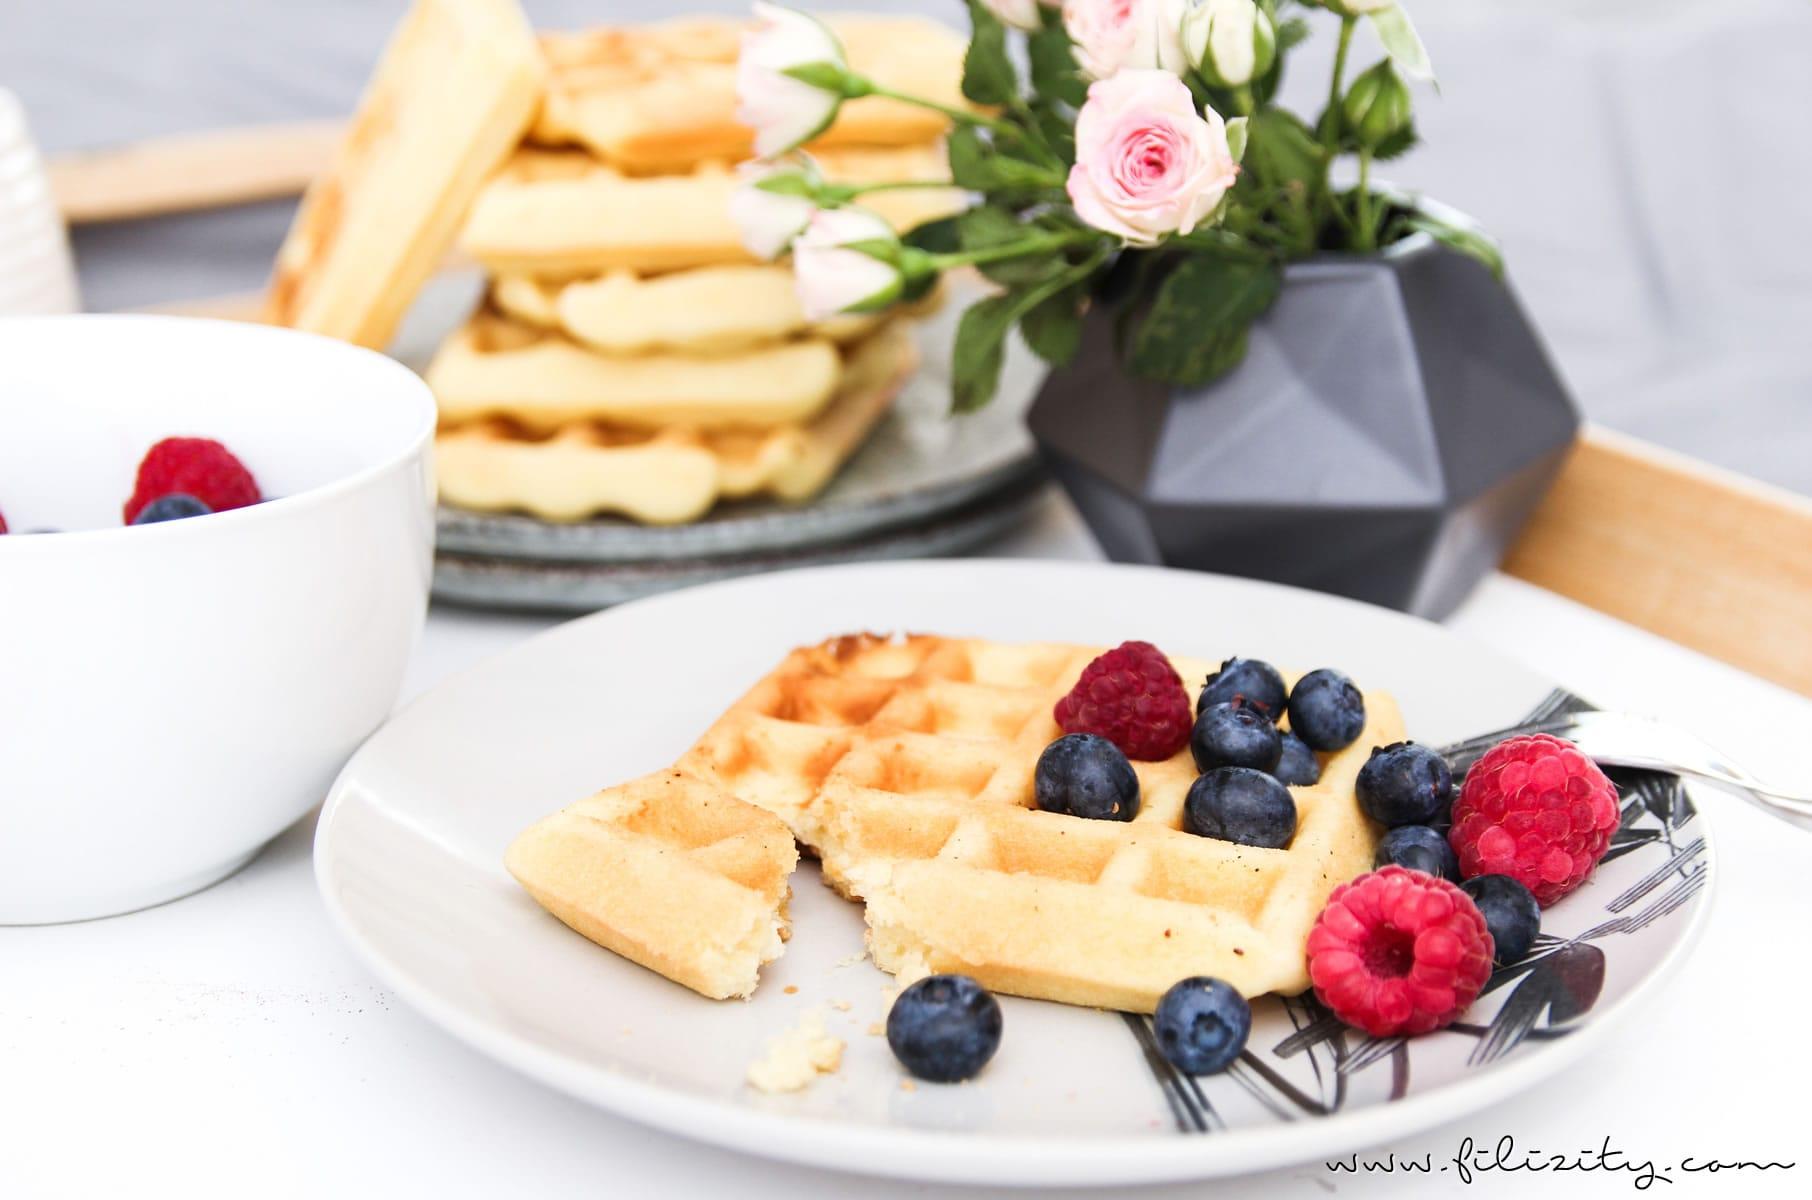 grund-rezept-waffeln-fruehstueck-knusprig-fluffig-food-0-min